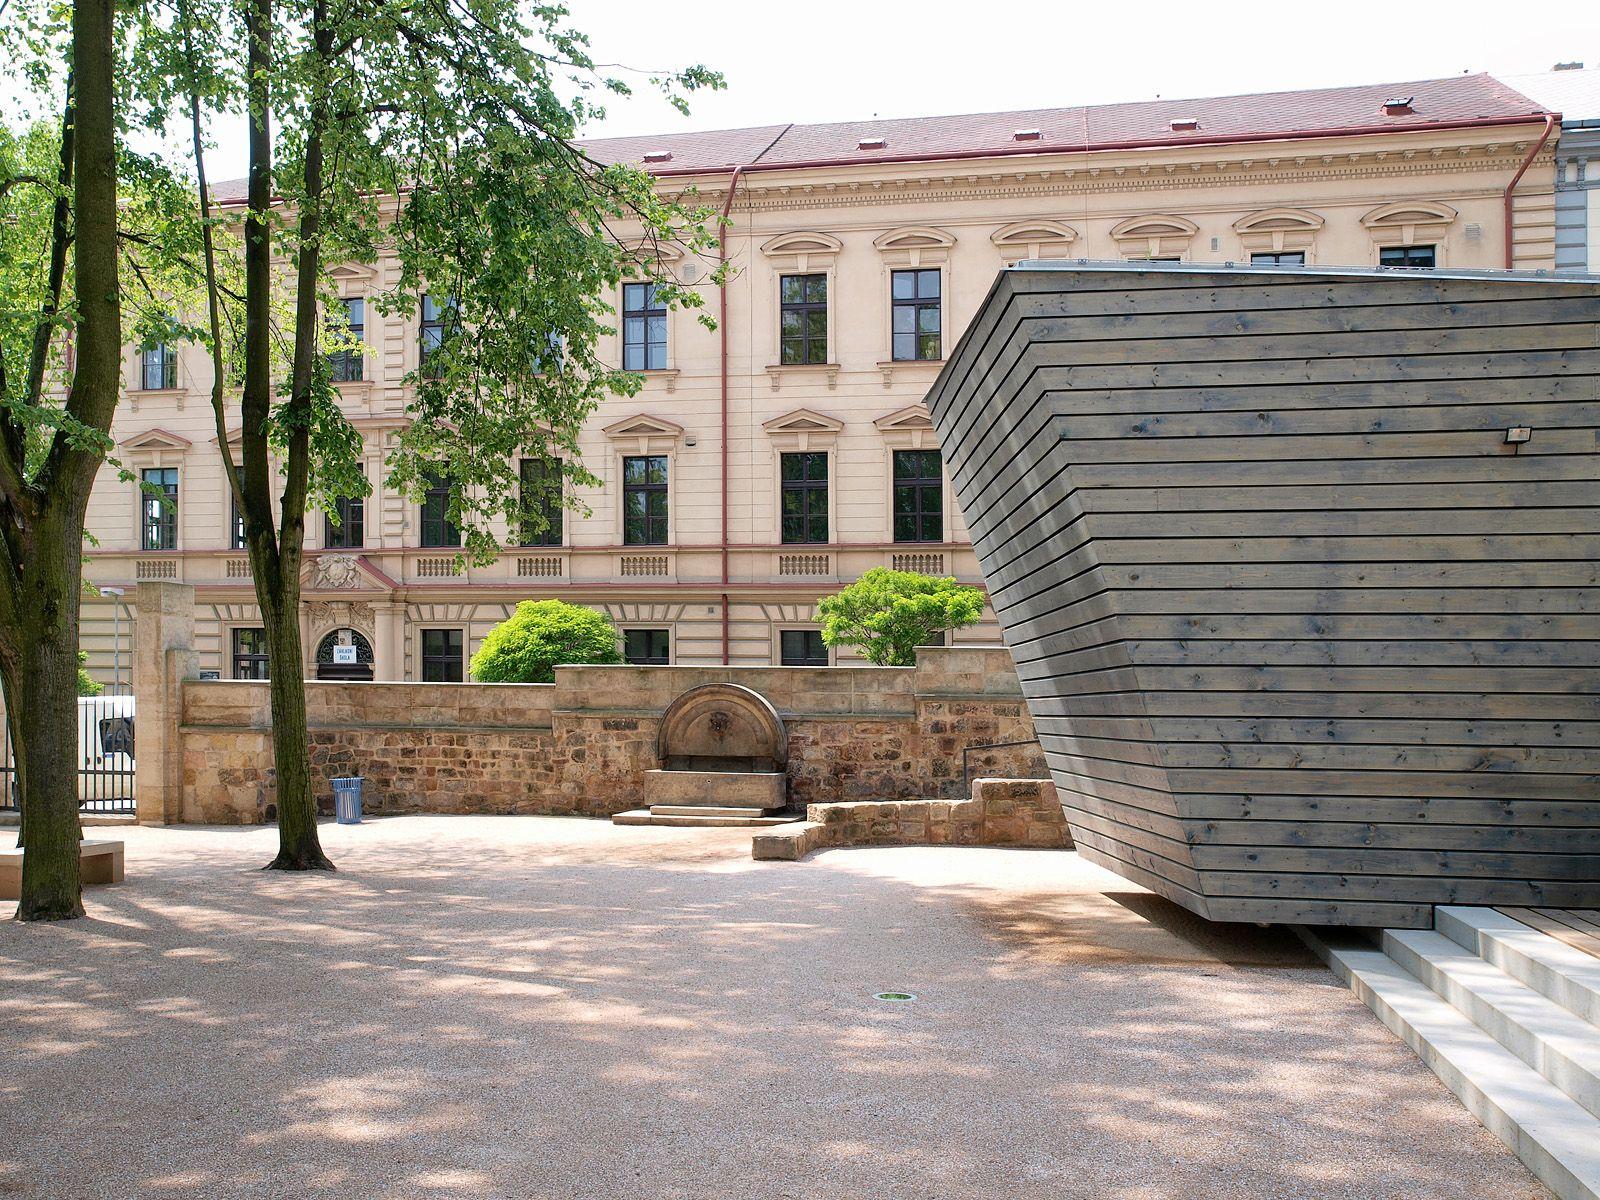 objekt v zámecké zahradě   Jičín   06